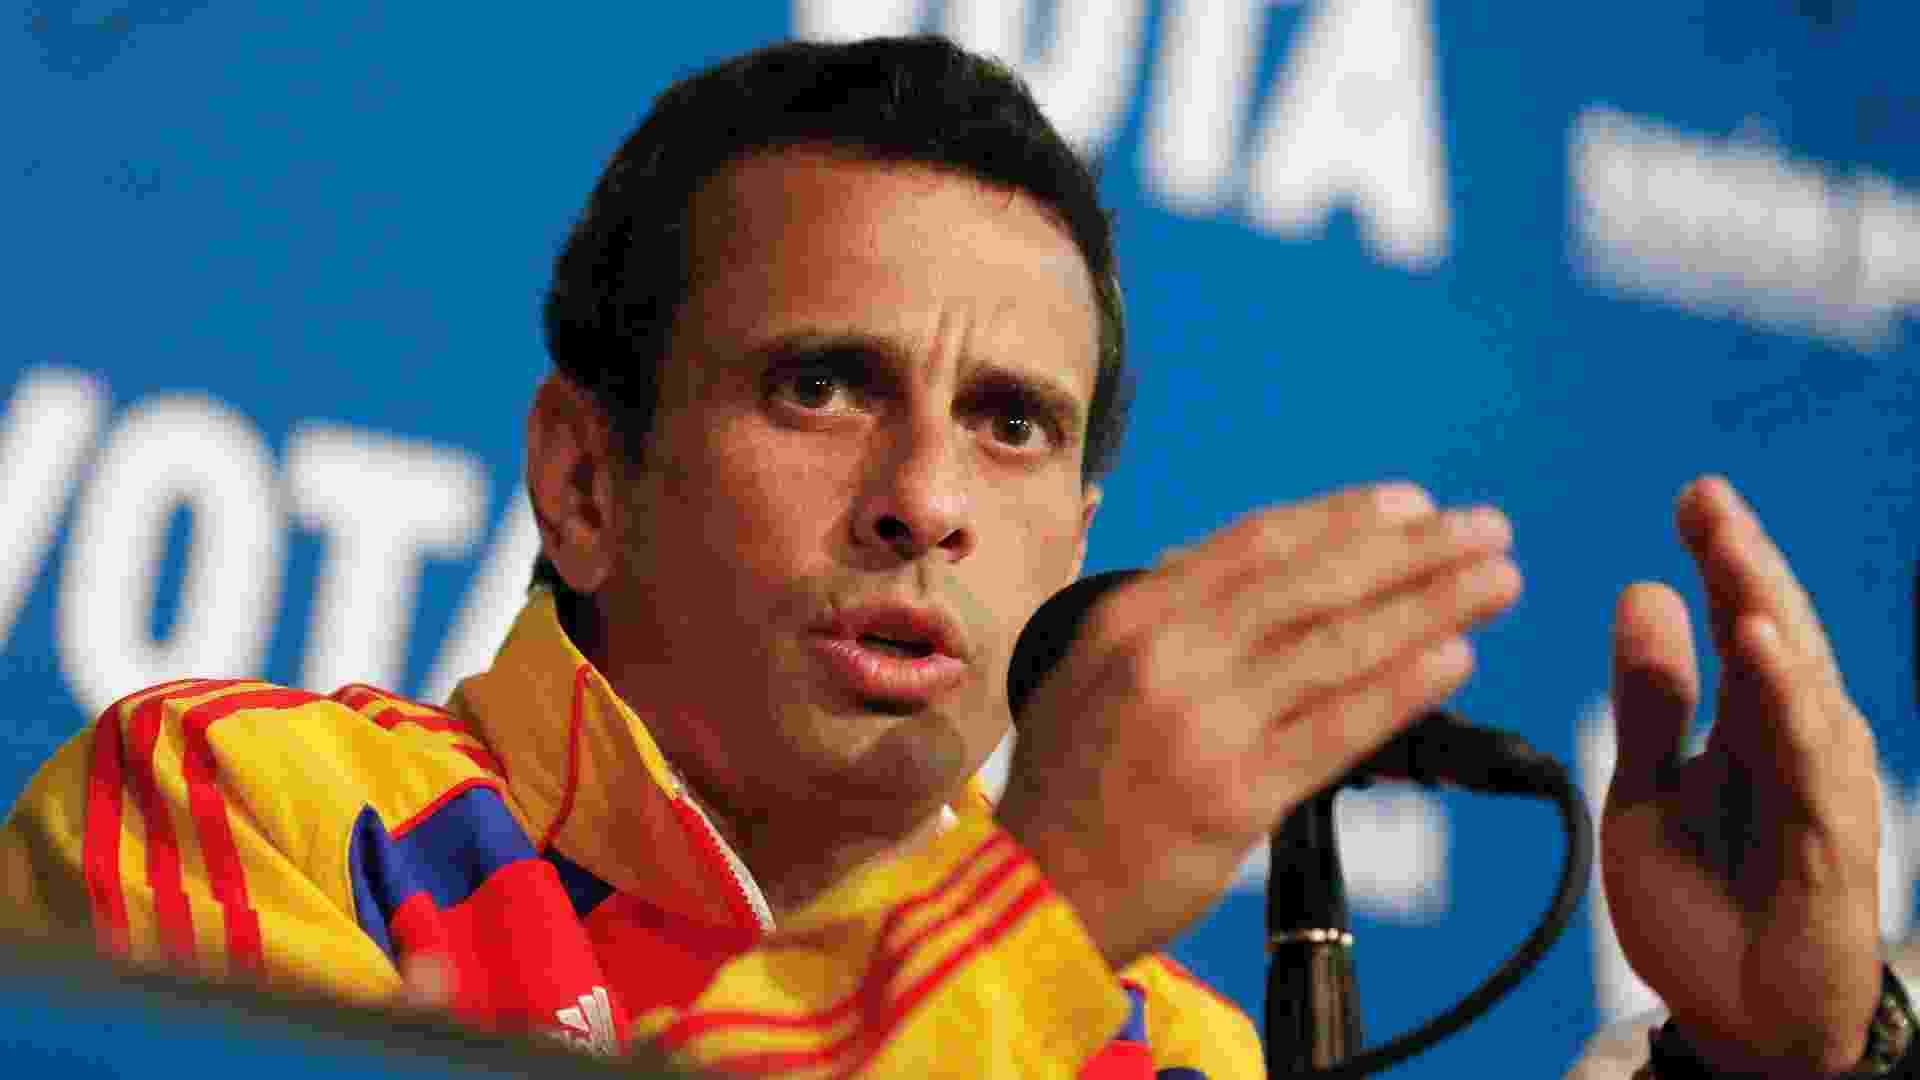 13.abr.2013 - Henrique Capriles, líder da oposição e candidato à presidência da Venezuela, participa de coletiva de imprensa realizada na cidade de Caracas. Segundo pesquisas de opinião para o pleito que será realizado neste domingo (14), Nicolas Maduro, candidato da situação, leva pequena vantagem sobre Capriles - Tomas Bravo/Reuters